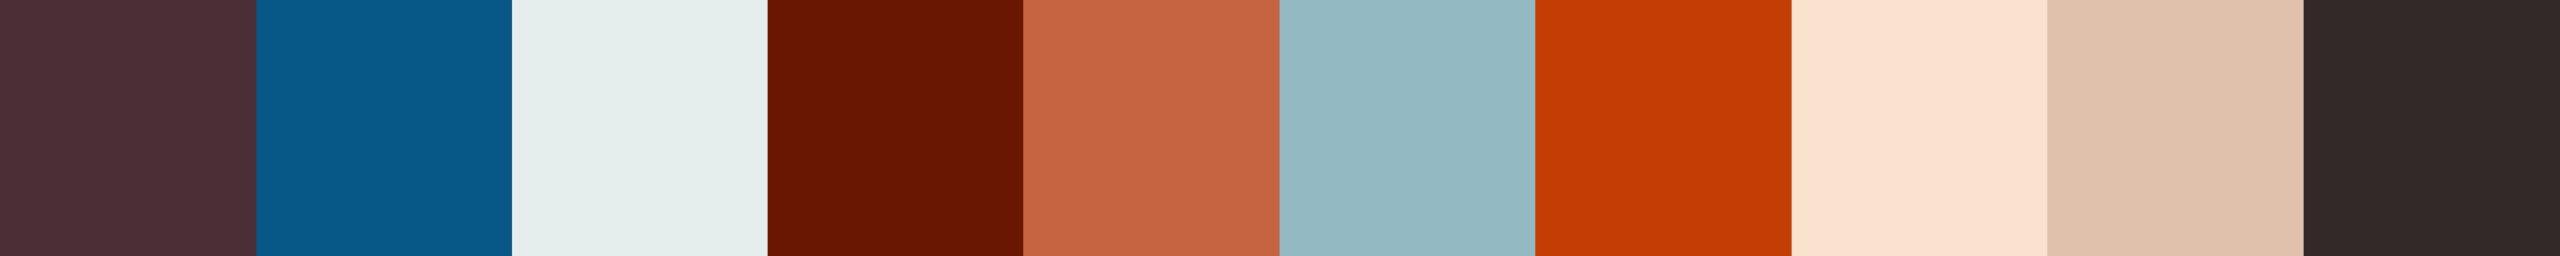 260 Archiratura Color Palette